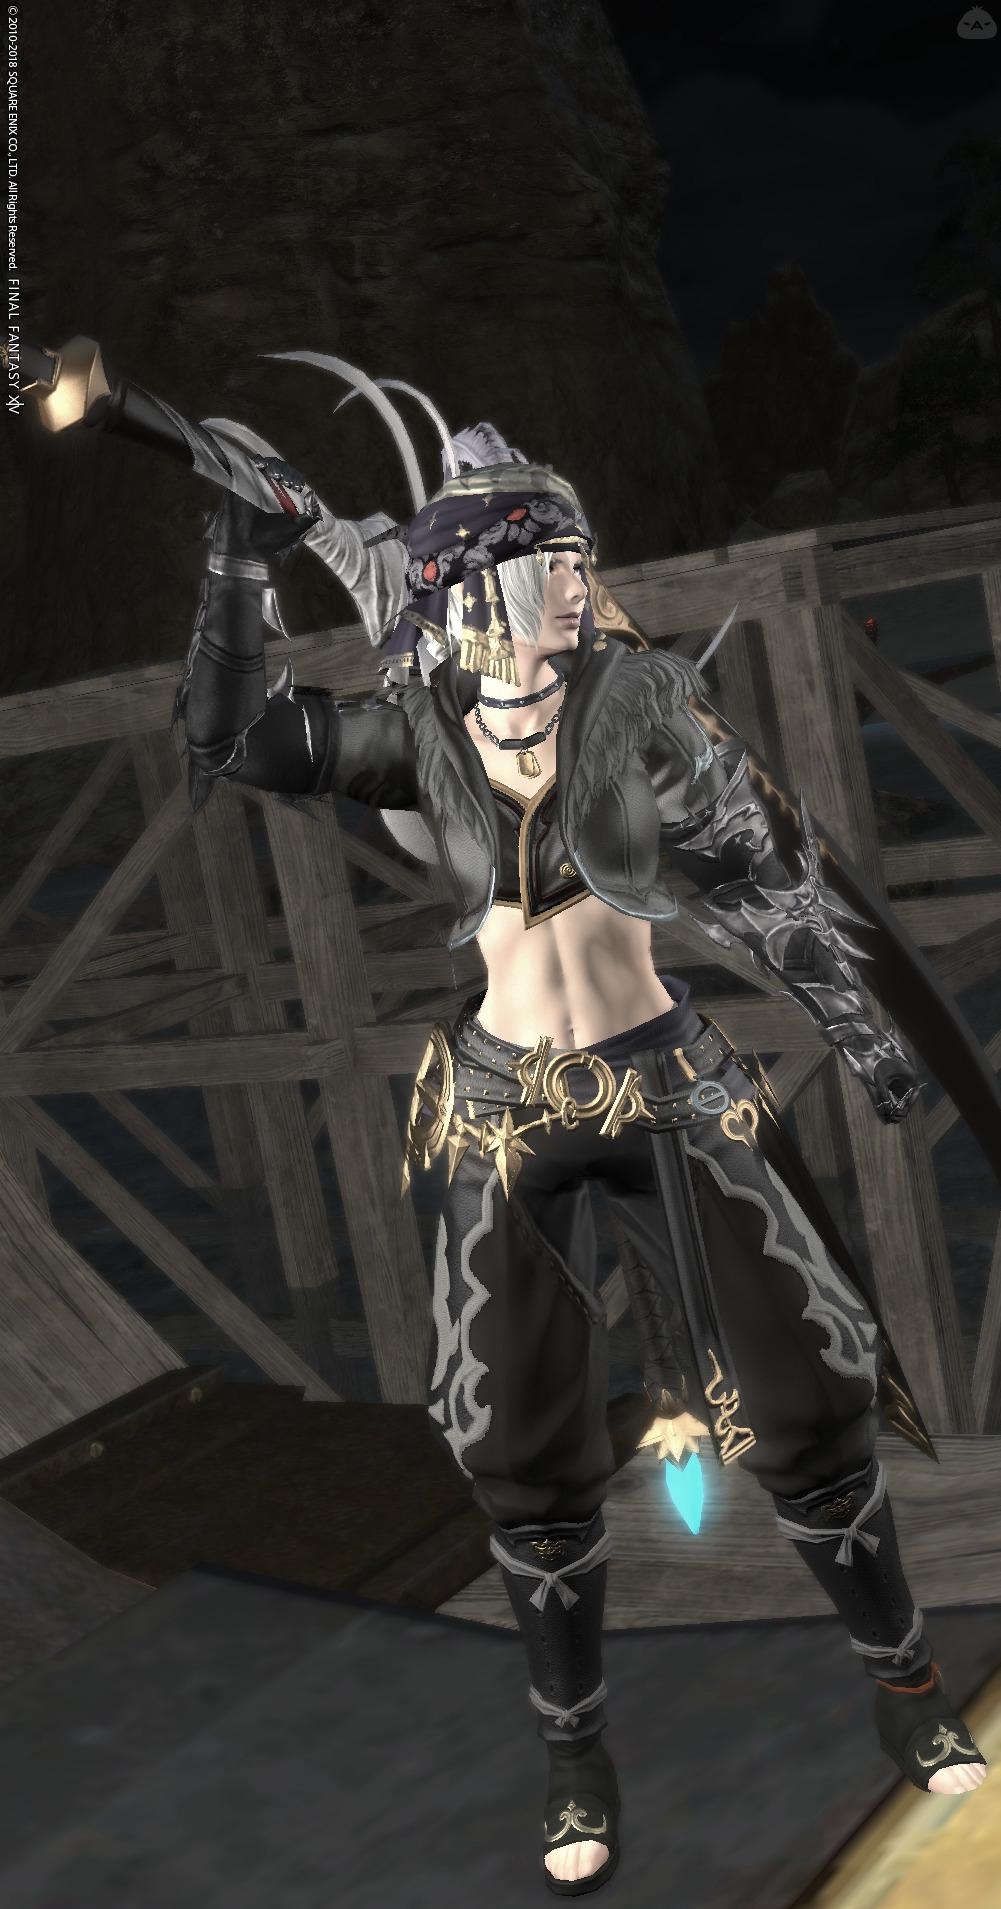 闇を往く女剣士